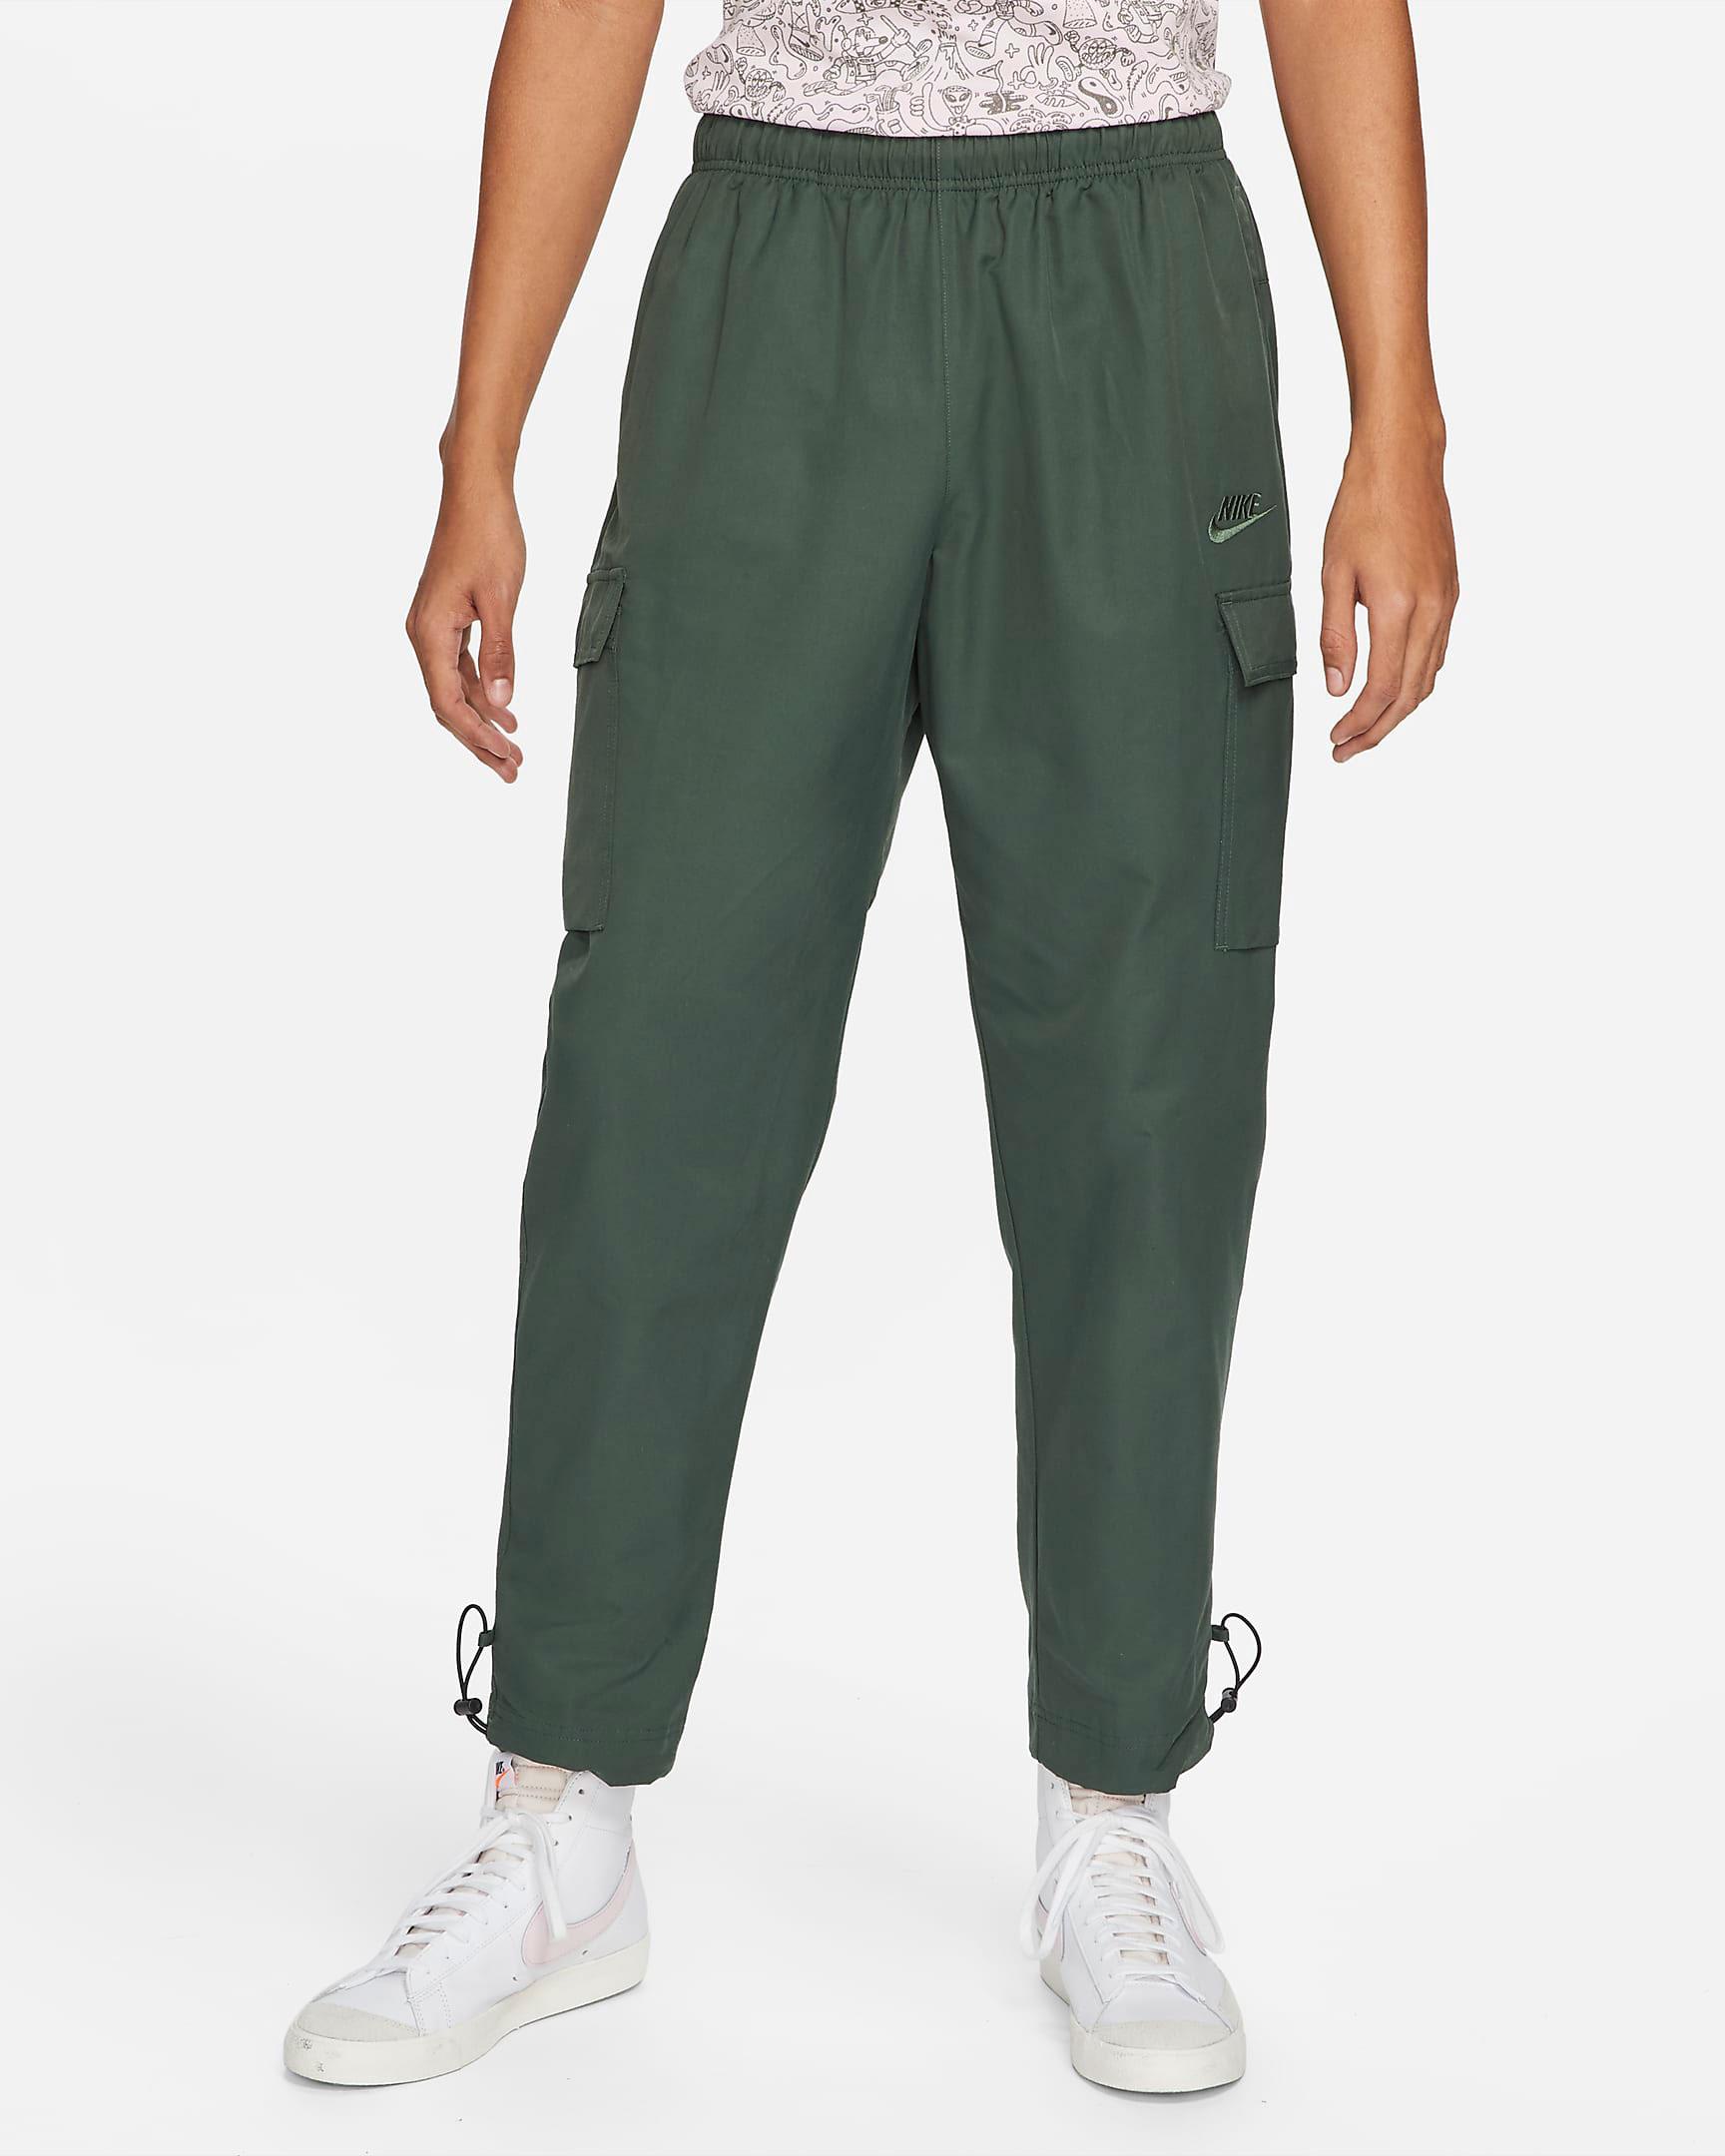 nike-galactic-jade-woven-cargo-pants-1